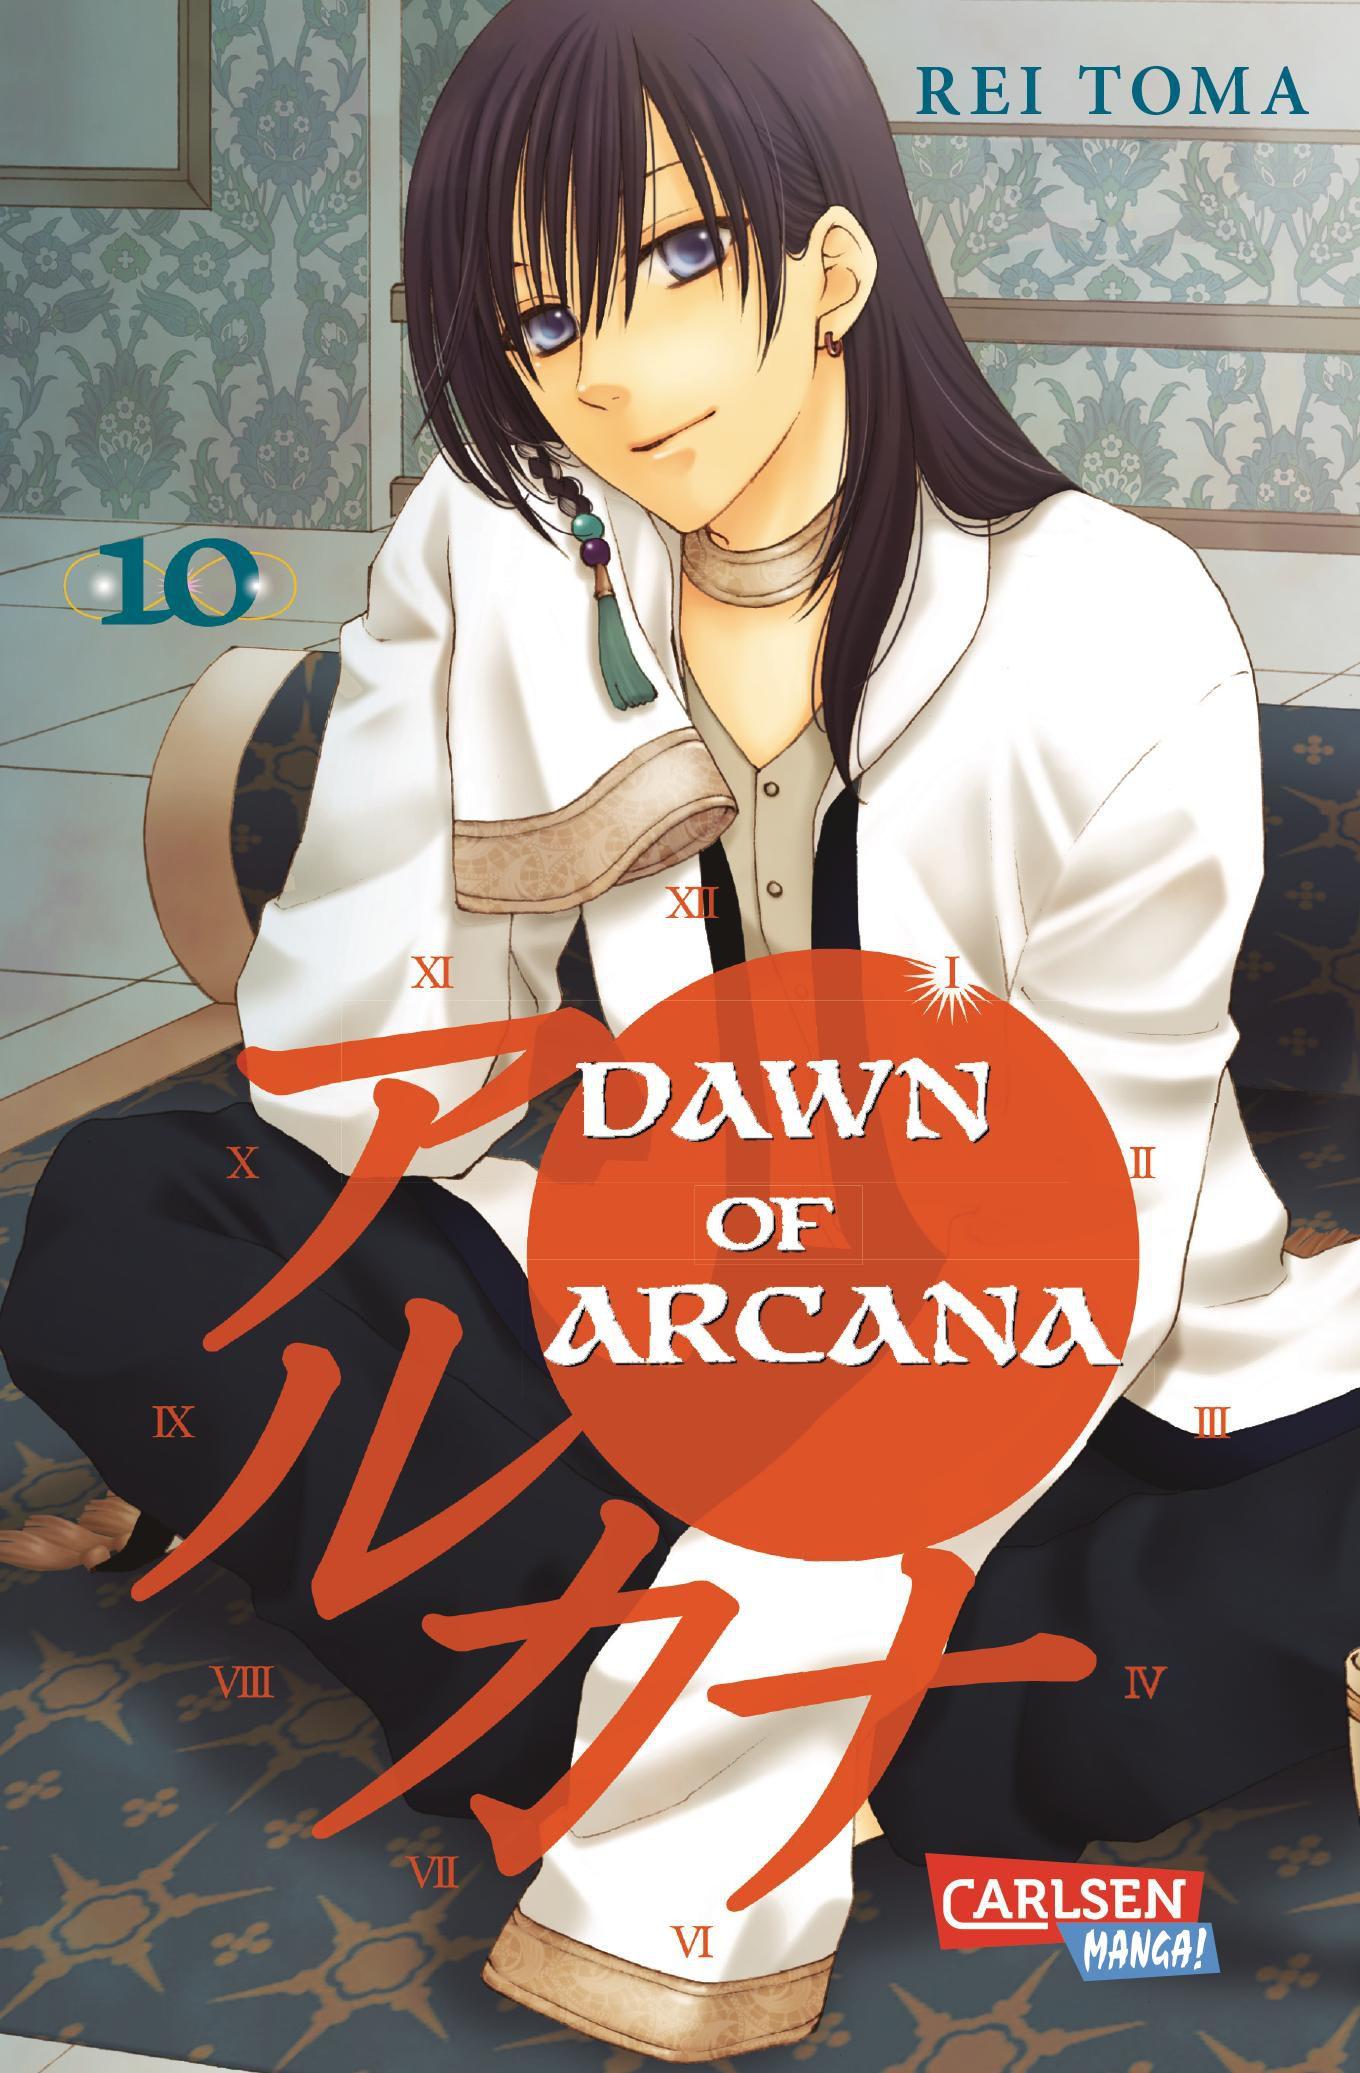 NEU Dawn of Arcana 10 Rei Toma 766250